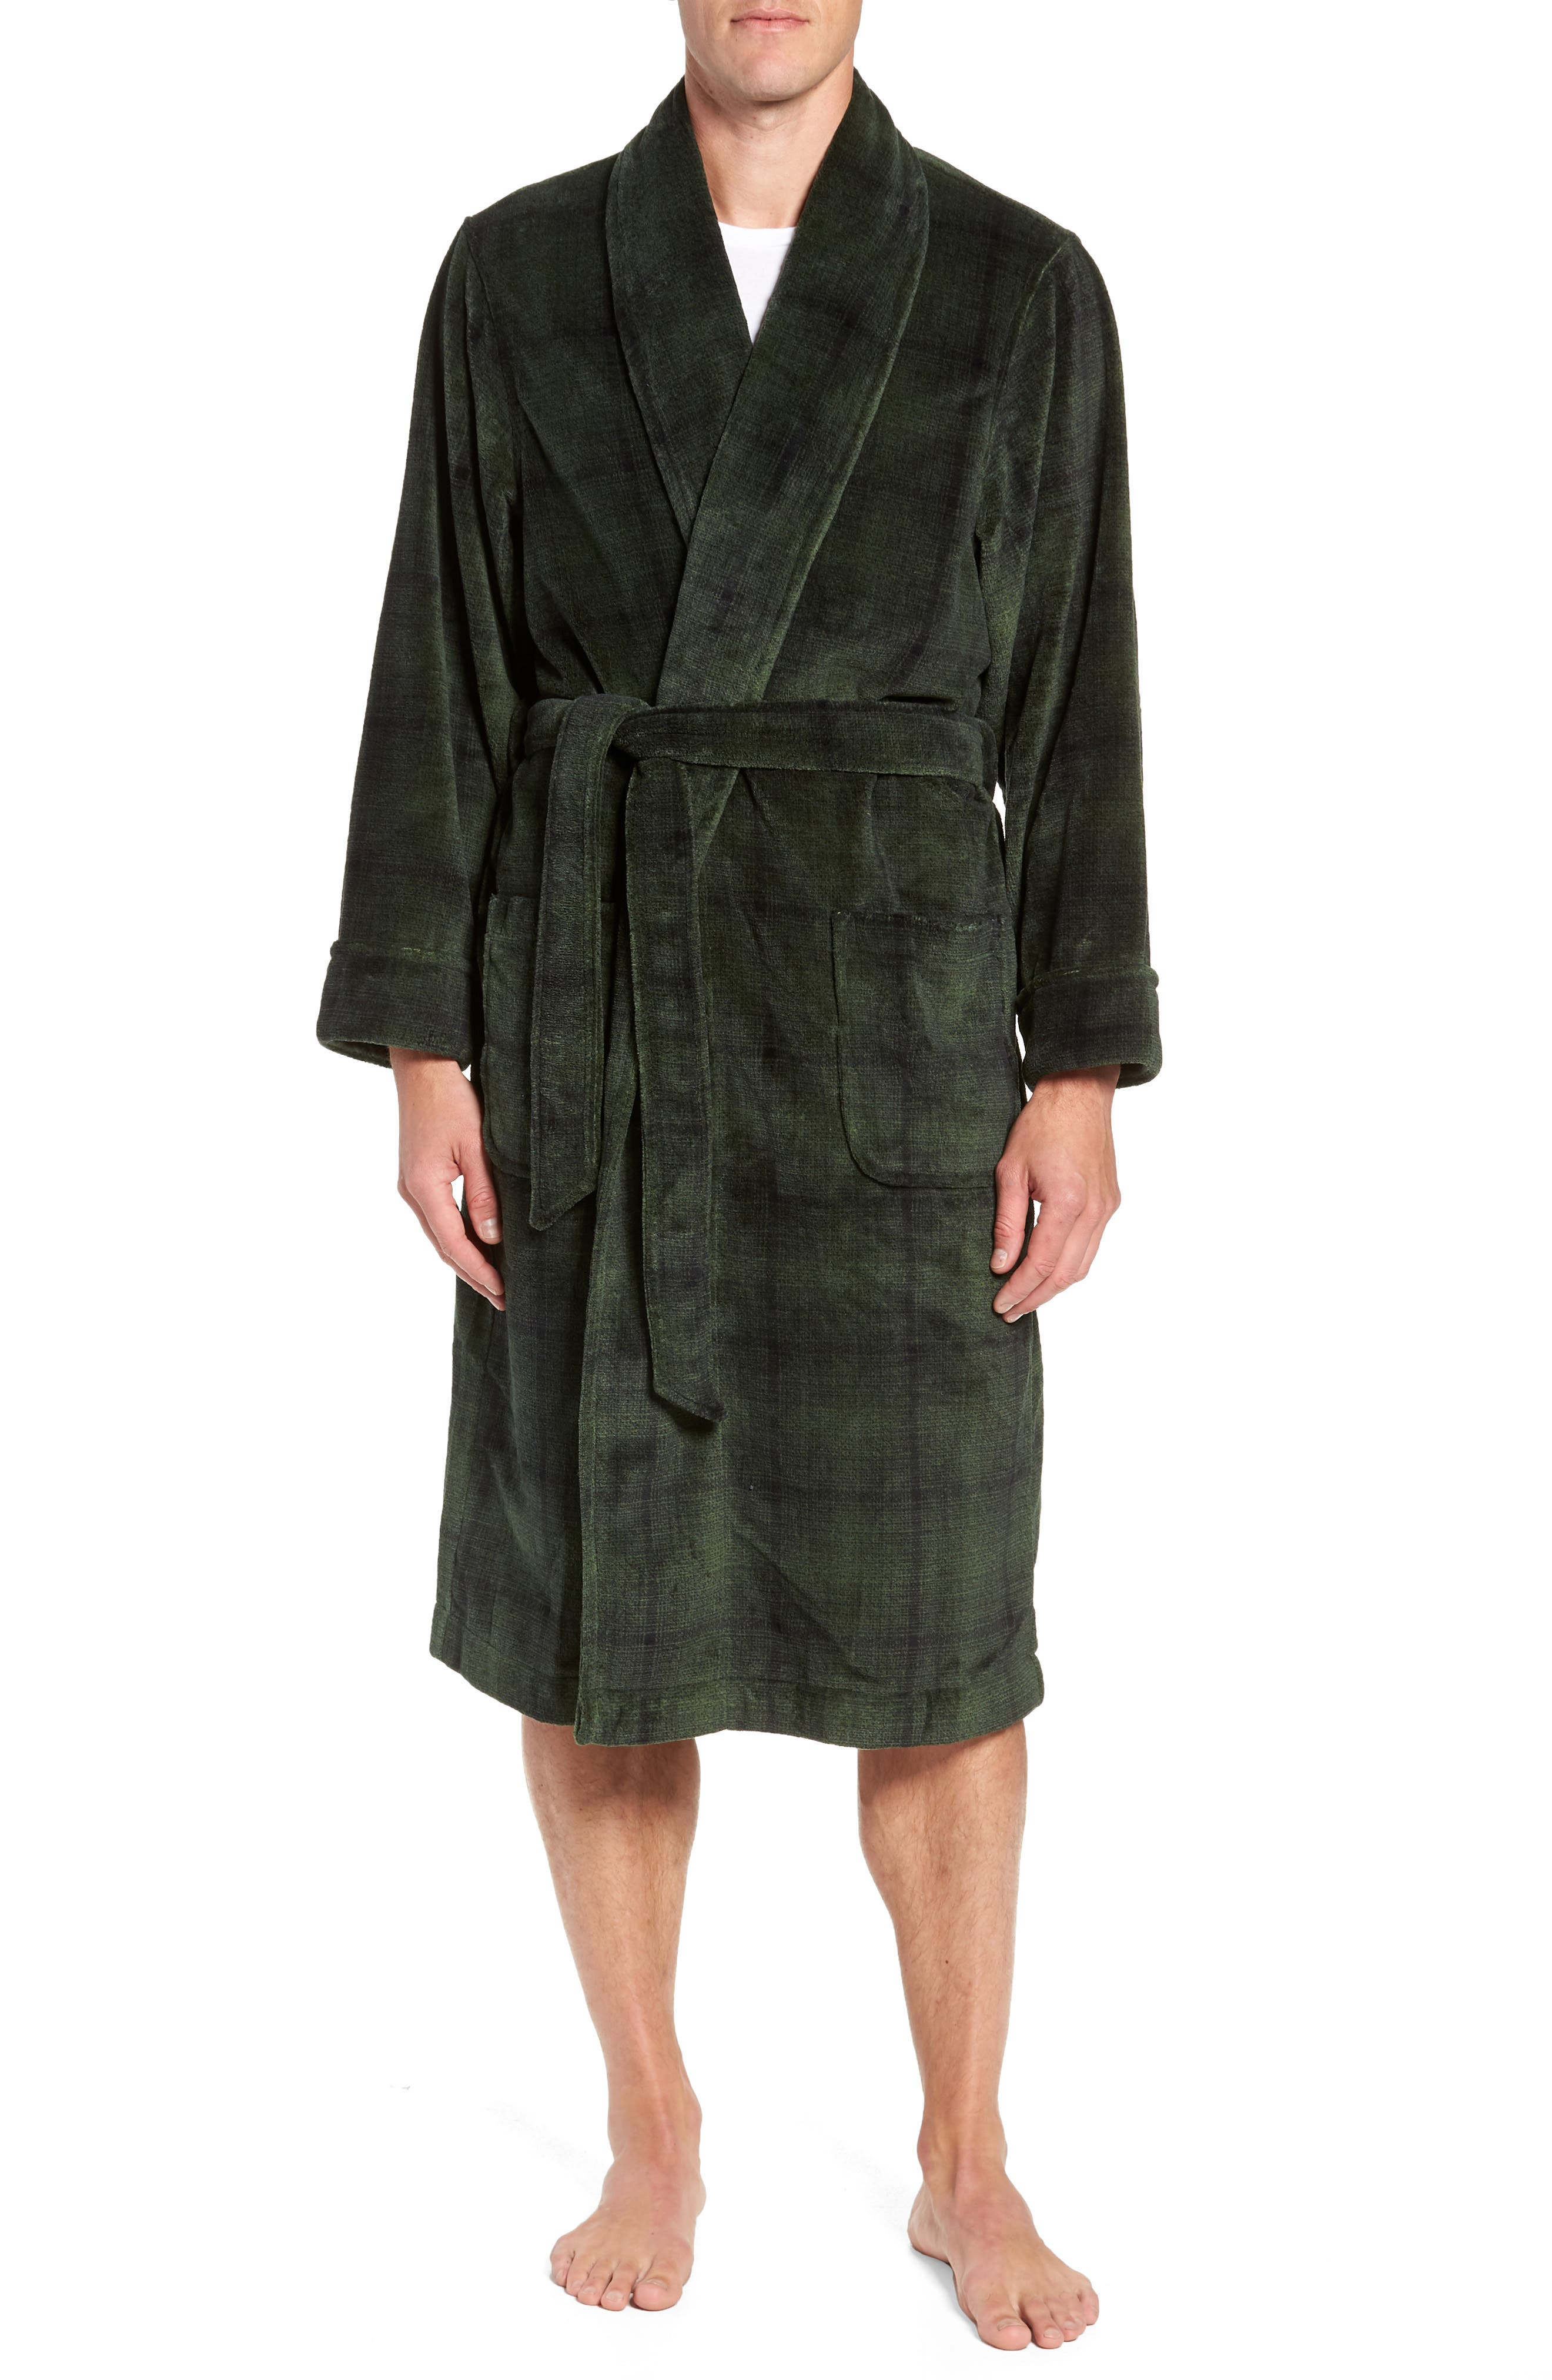 Ombré Plaid Fleece Robe,                             Main thumbnail 1, color,                             GREEN - BLACK OMBRE PLAID